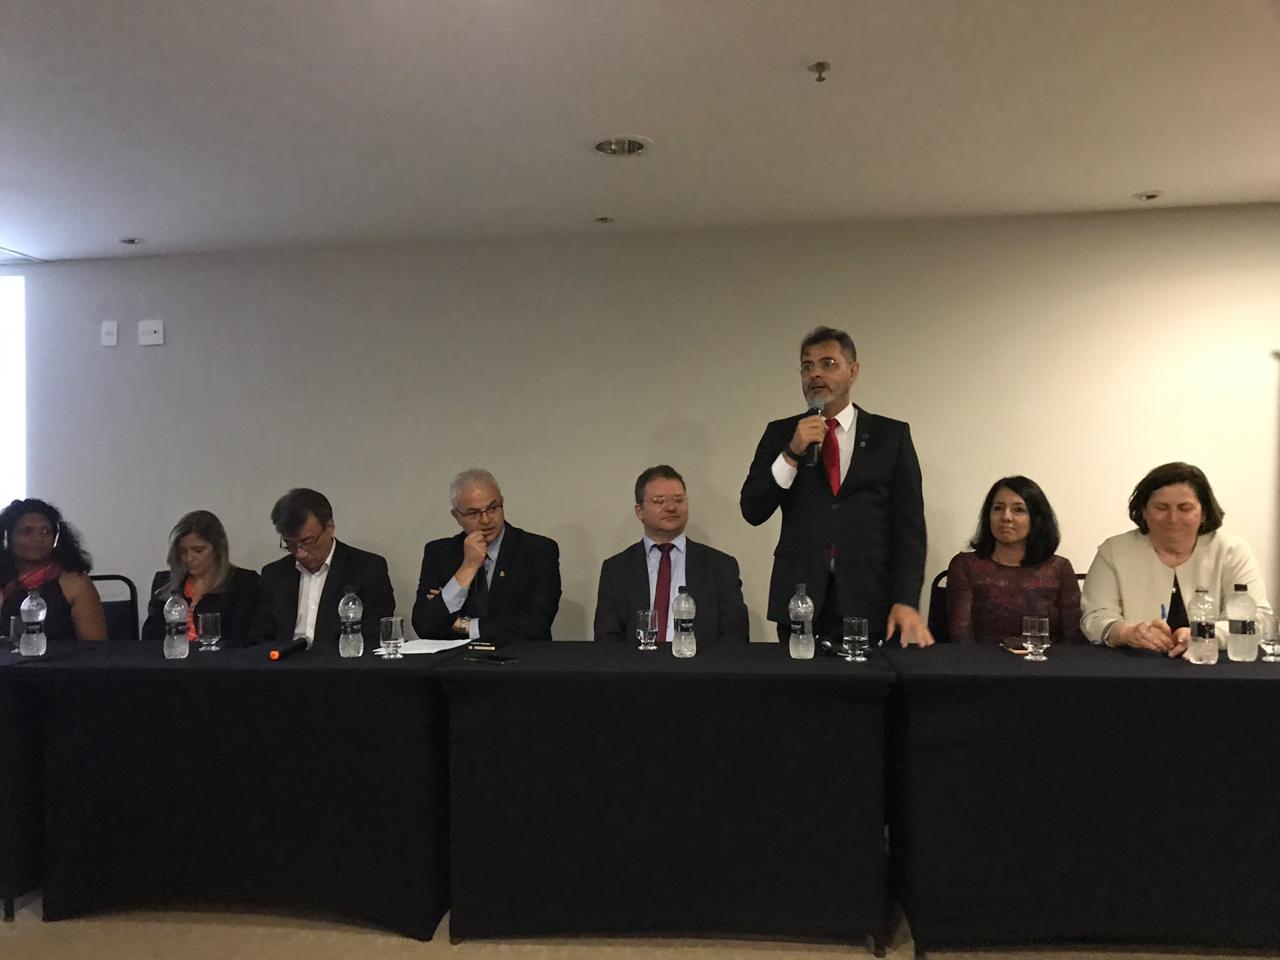 Presidentes estaduais da Undime participam de Seminário Internacional de Avaliação